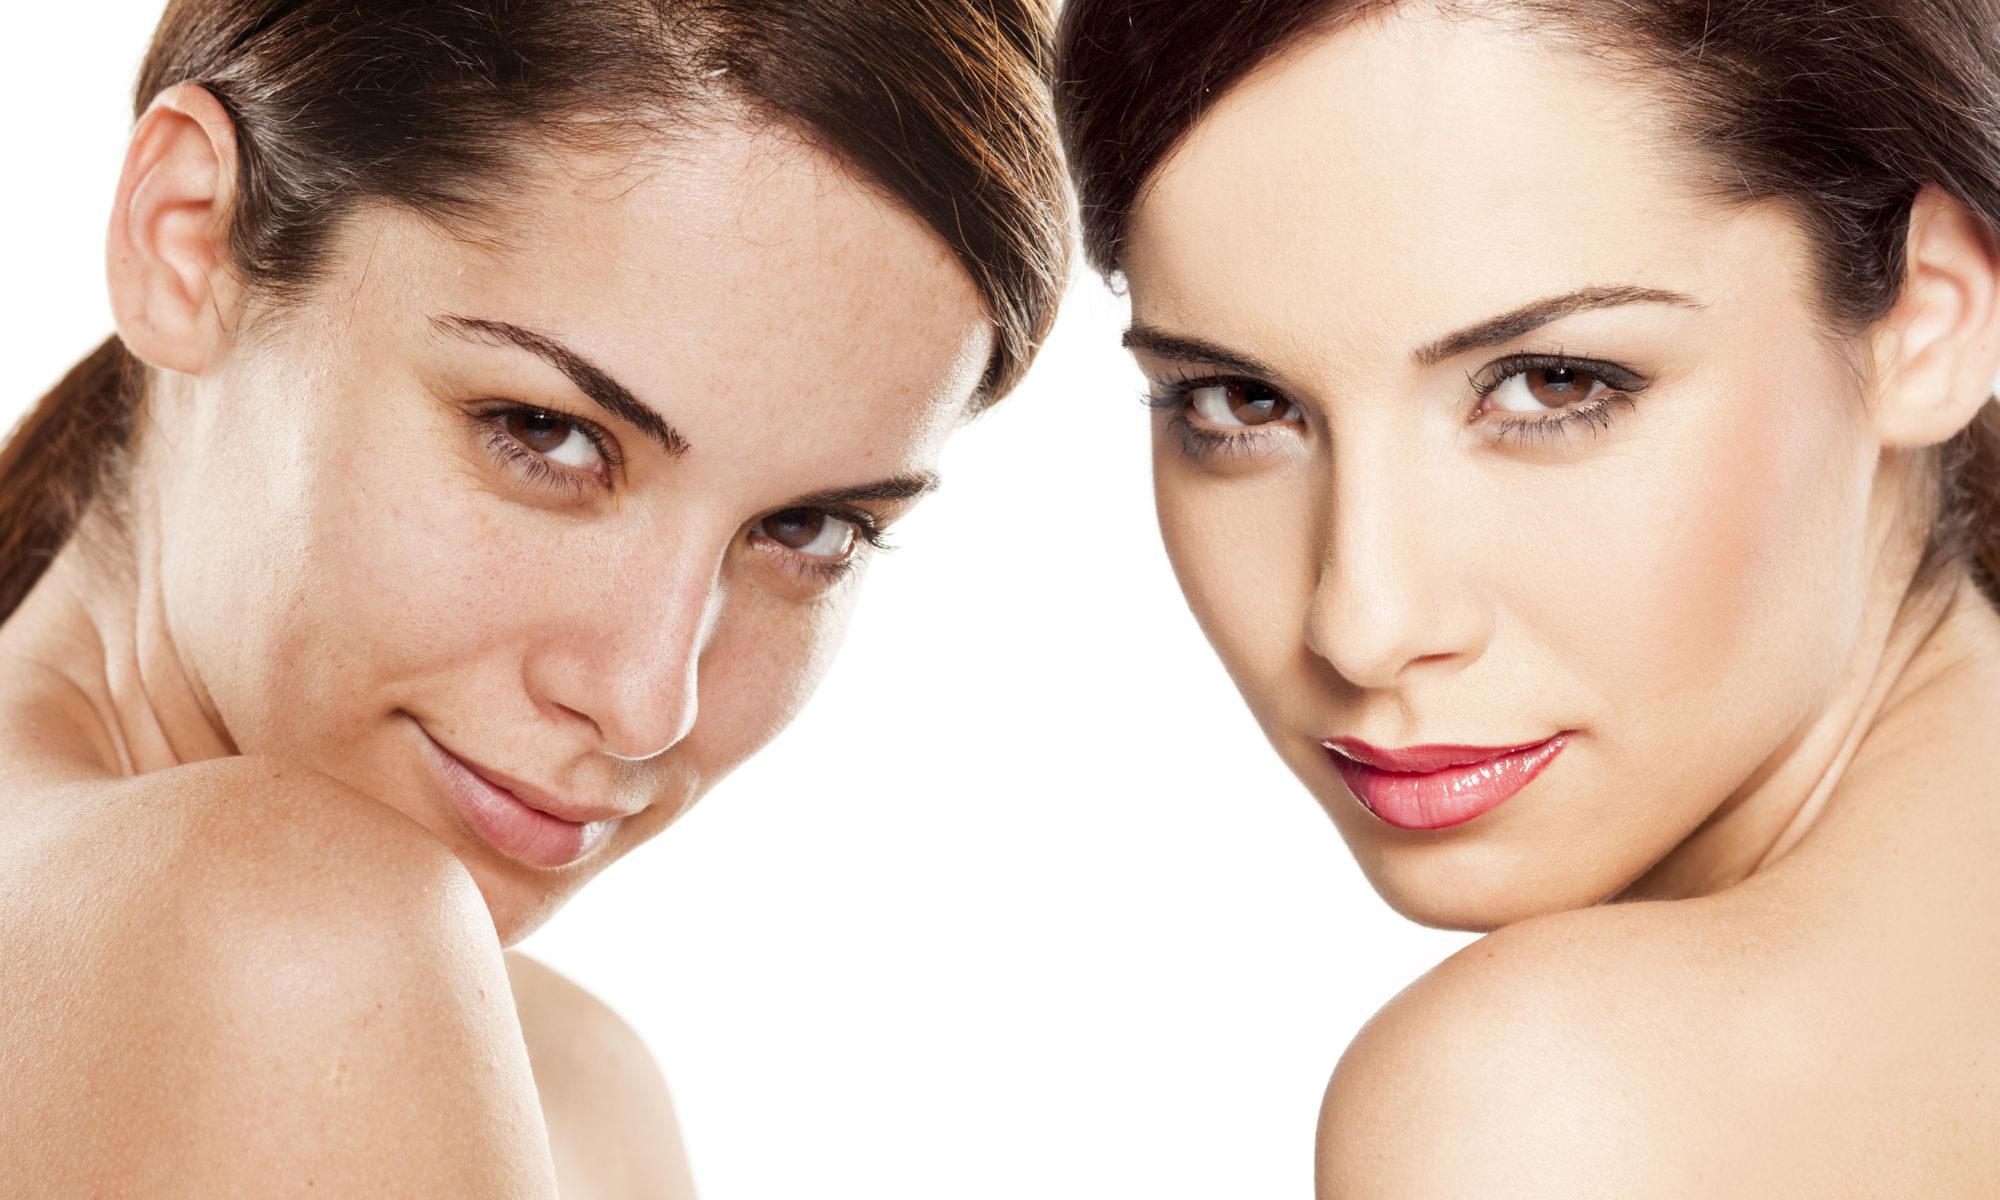 Zwei Frauen: links (vorher) ohne Permanent Make-Up, rechts (nacher) mit Permanent Make-Up